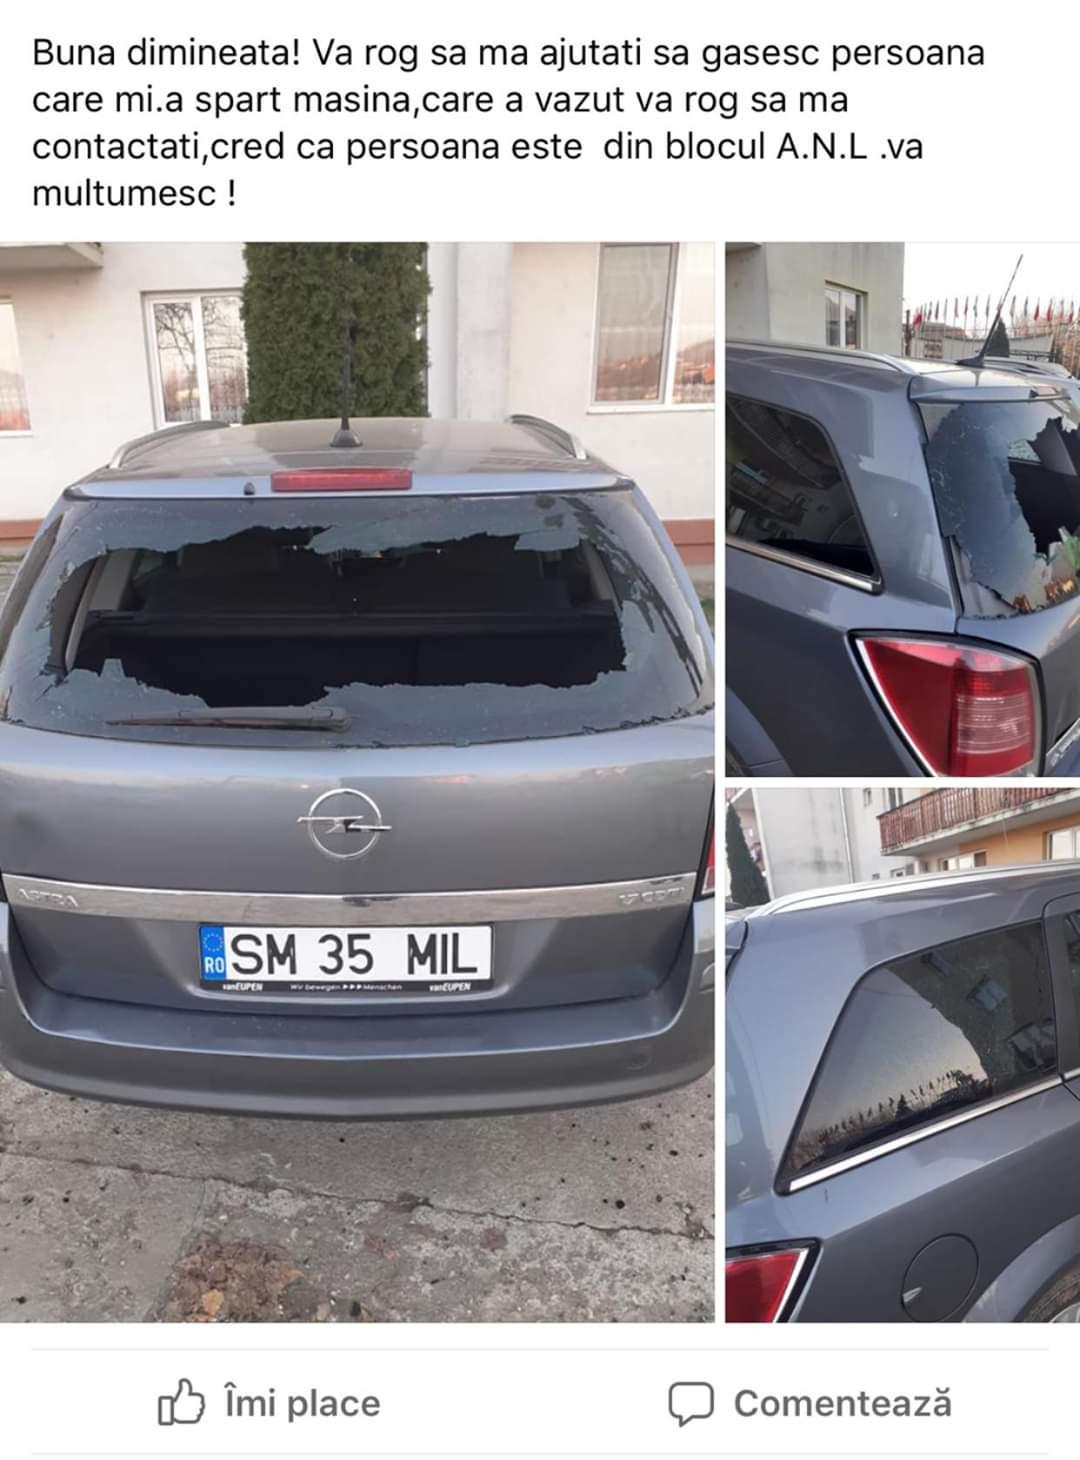 Mașină distrusă de tineri teribiliști și distracția lor cu petarde – se caută autorii